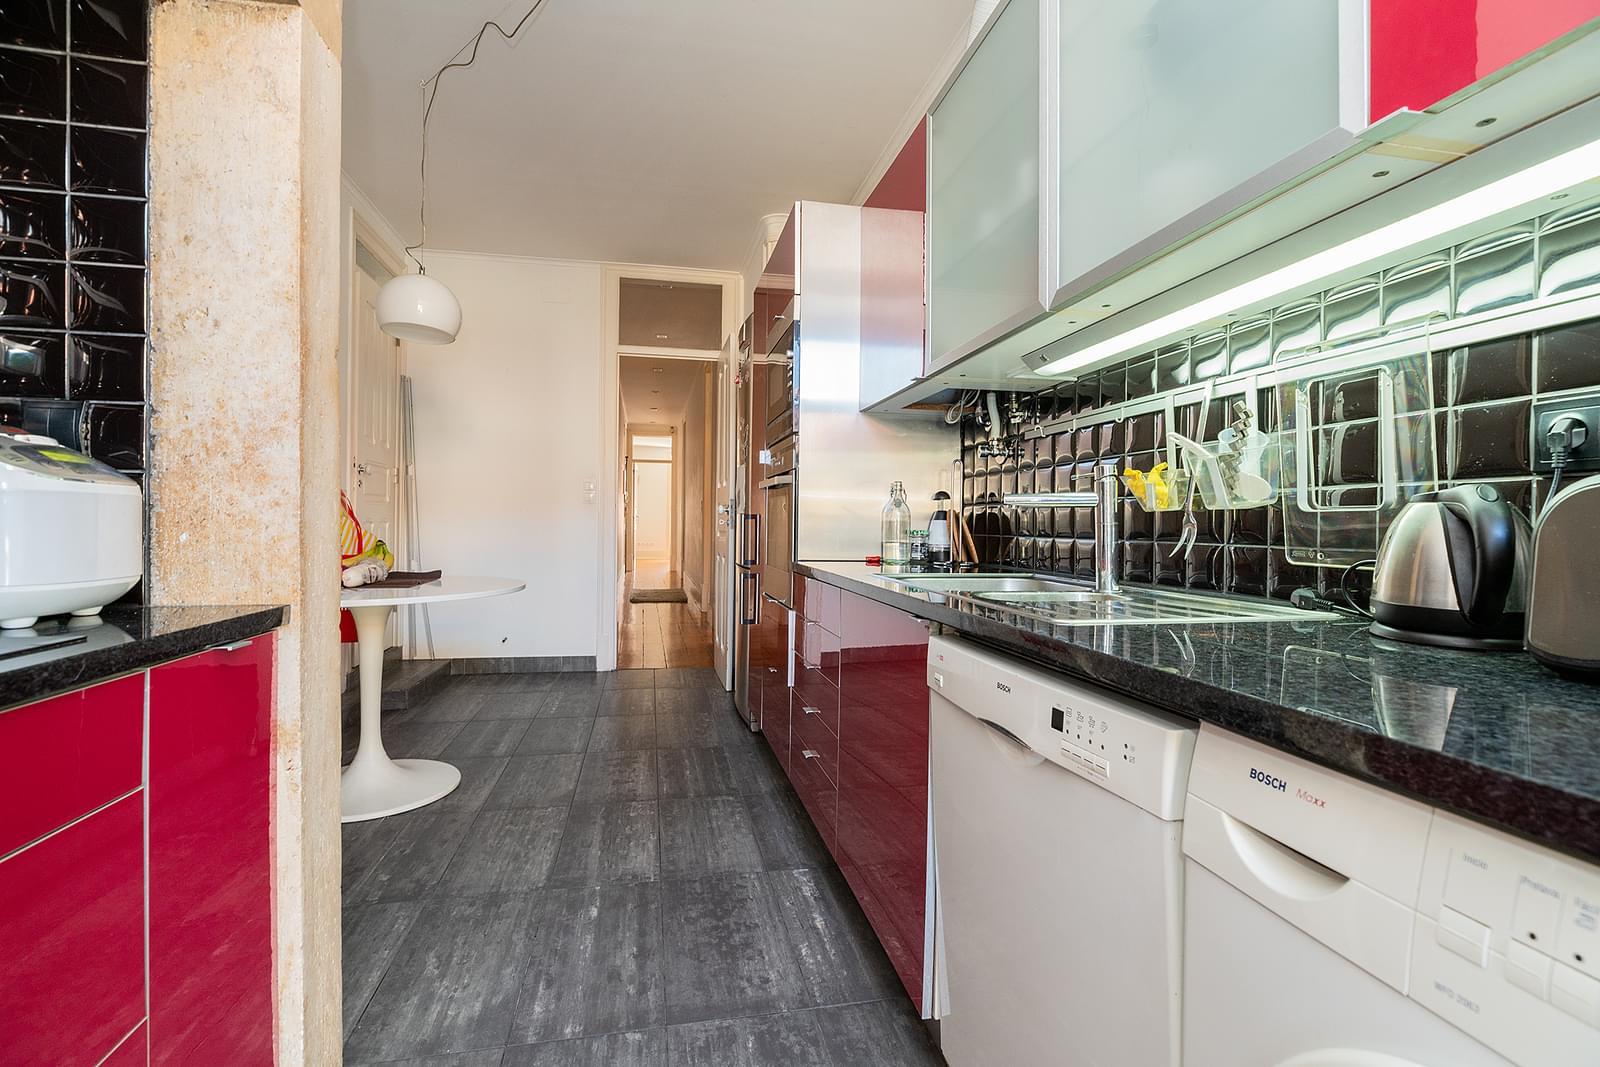 pf18211-apartamento-t2-1-lisboa-6e566385-4dbf-4dc0-8215-c937908788a7